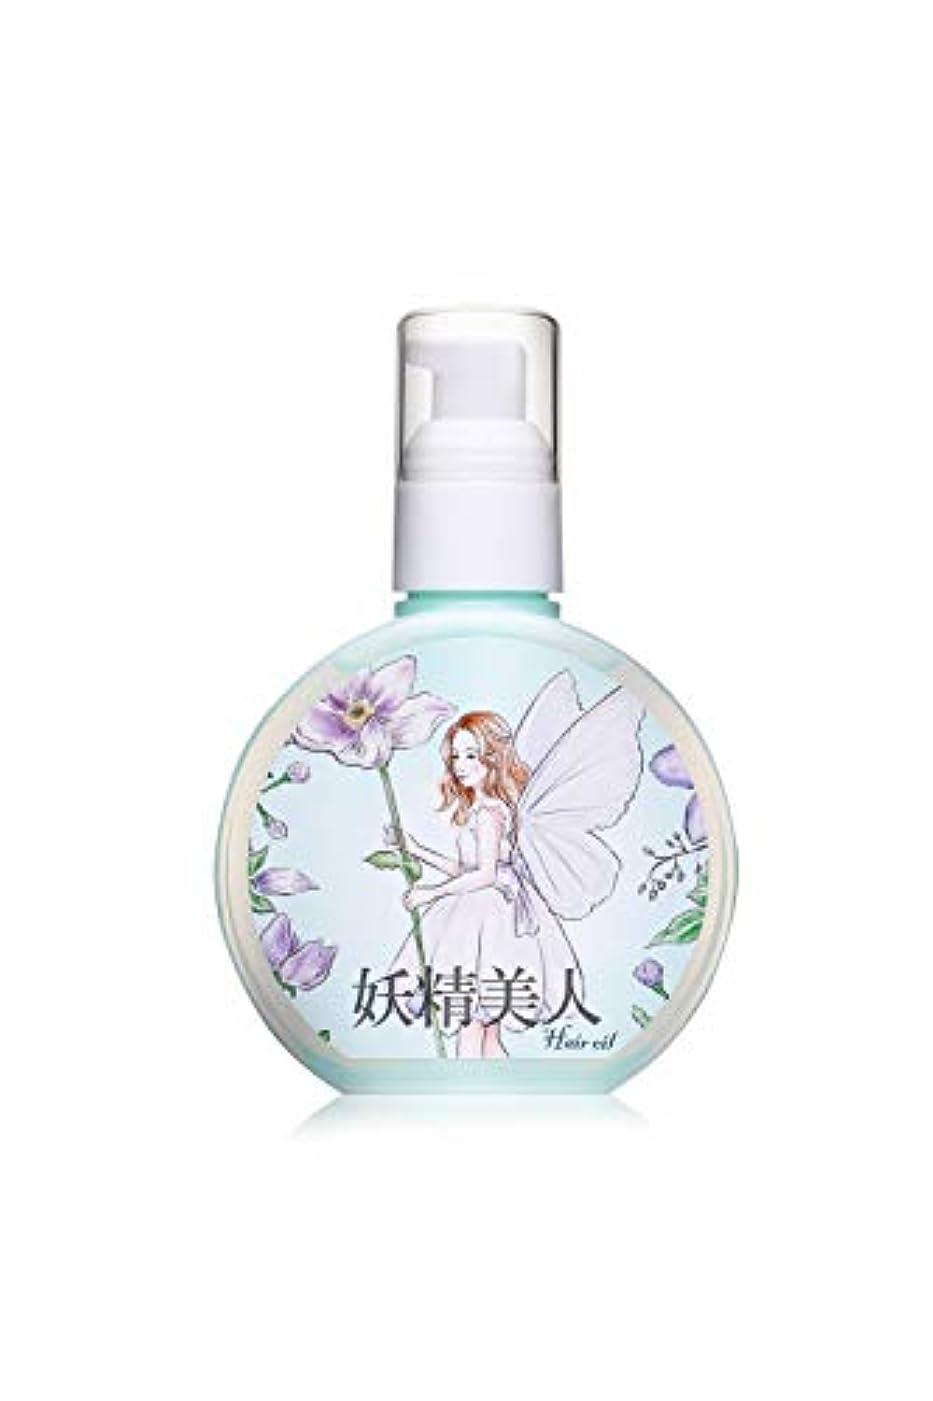 シェトランド諸島累積豊富に妖精美人キューティヘアオイル しっとり&ダメージ補修 フルーティーフローラルの香り 147ml